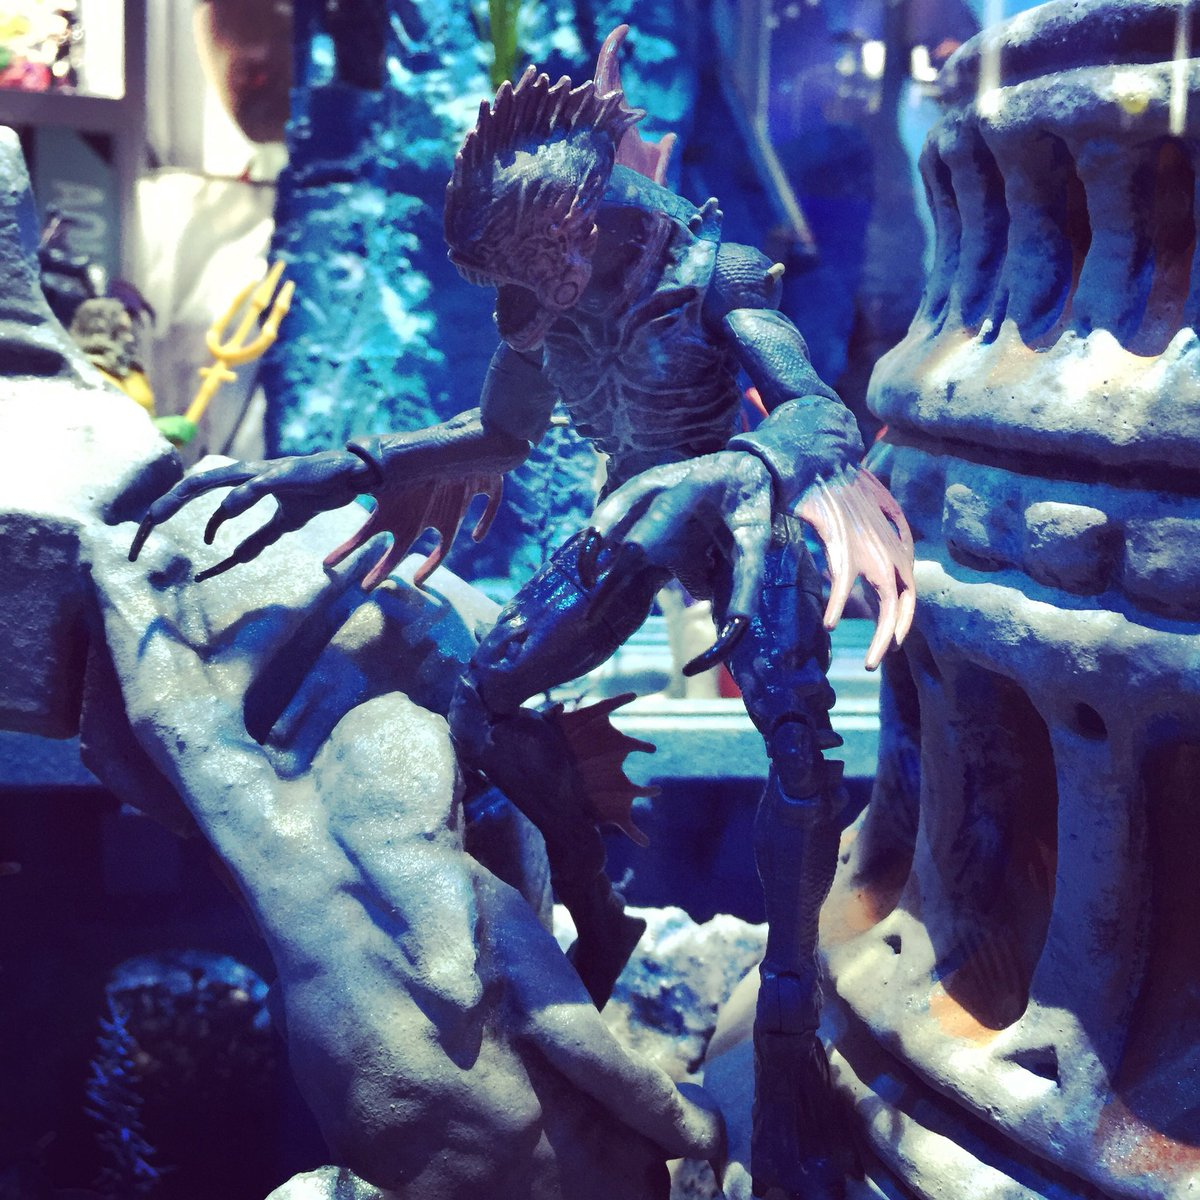 Mira el primer tráiler de la película — Aquaman